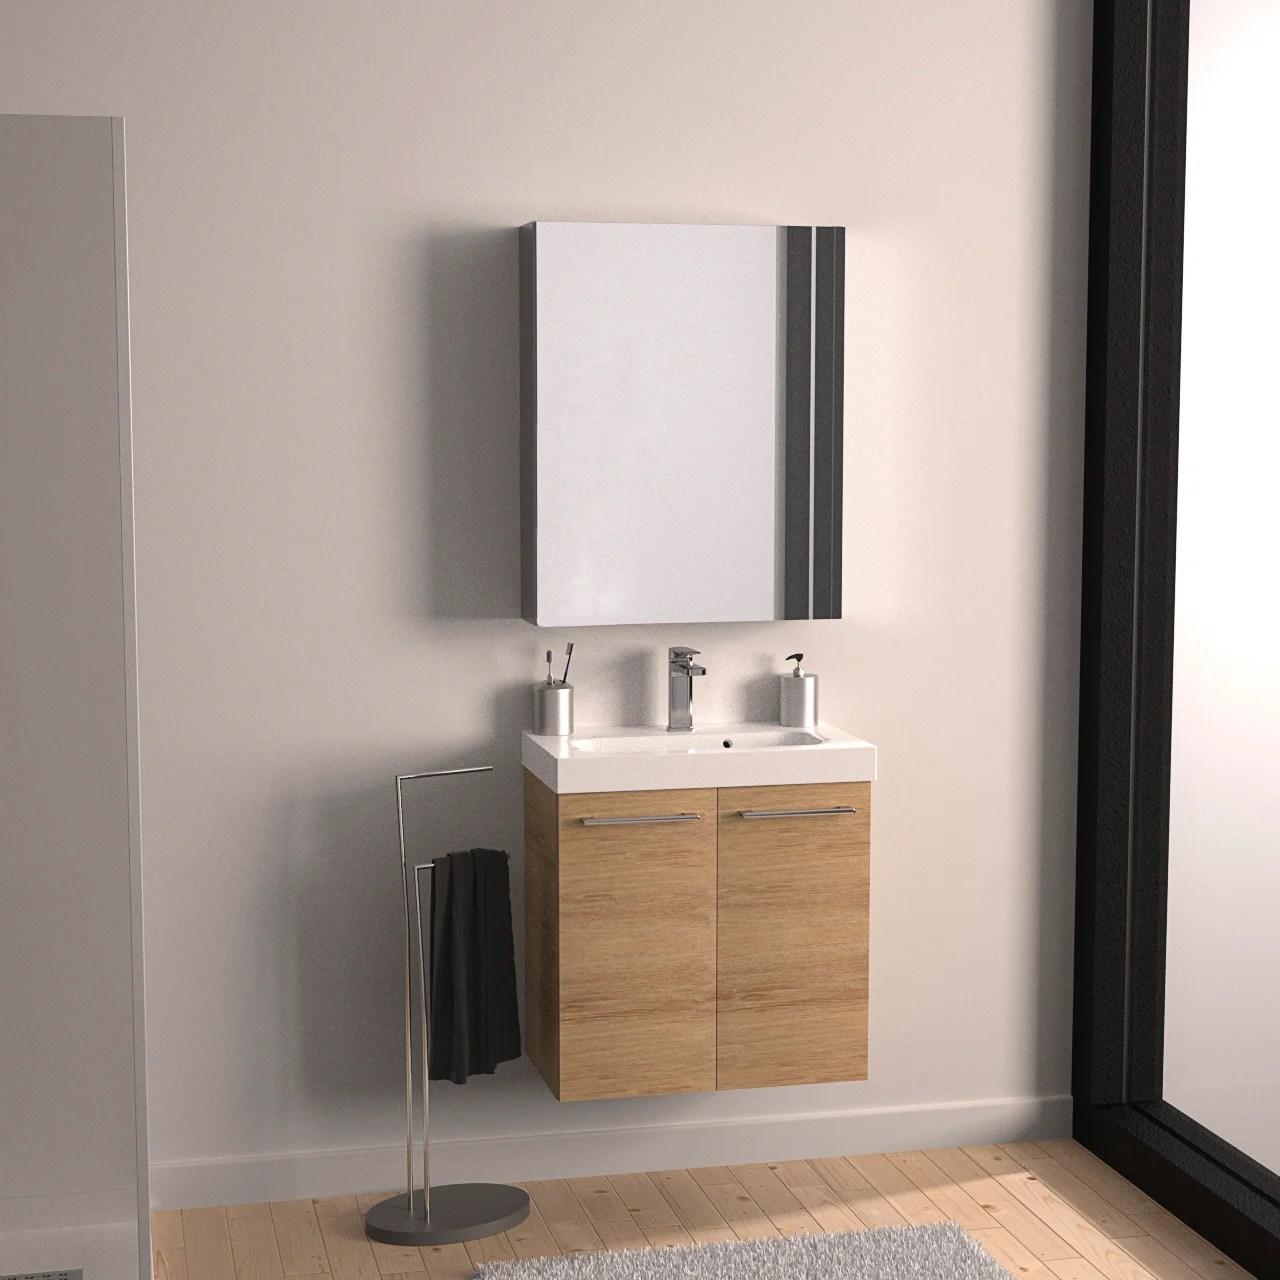 meuble de salle de bains simple vasque l 60 x h 62 5 x p 48 cm chene natural